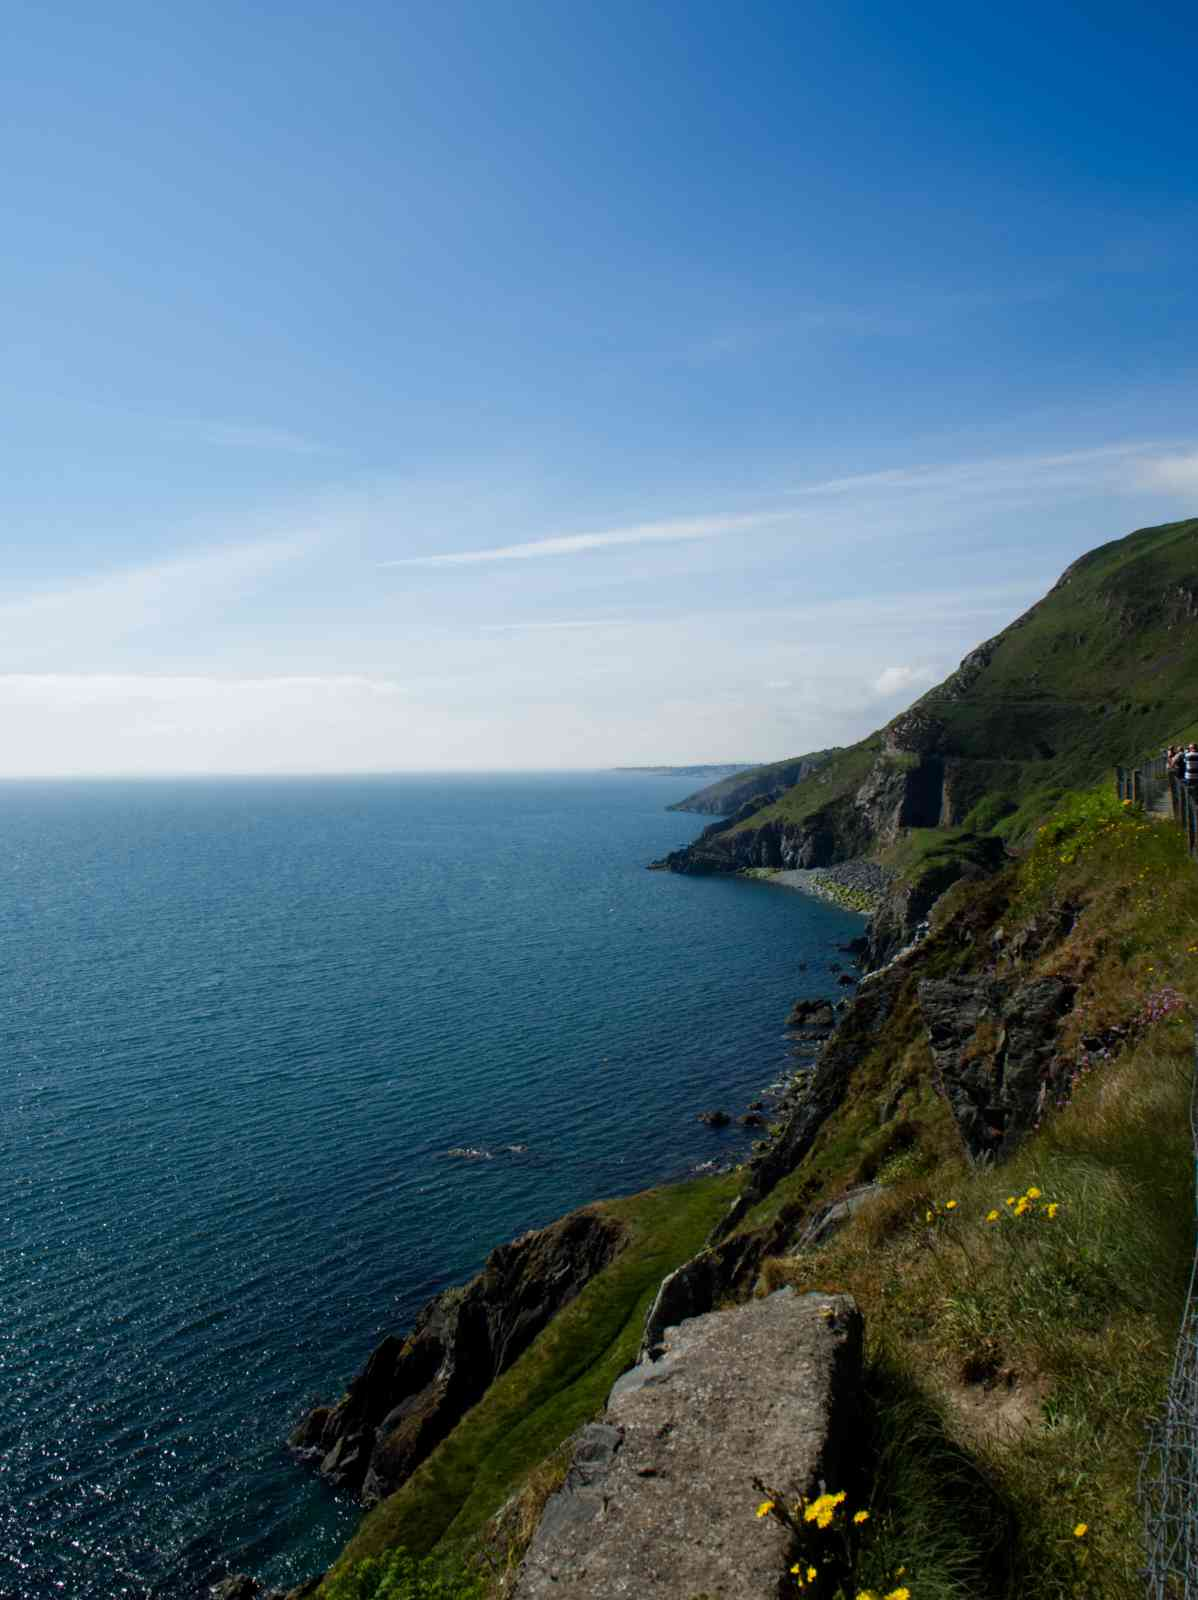 Küstenwanderung - Cliff Walk